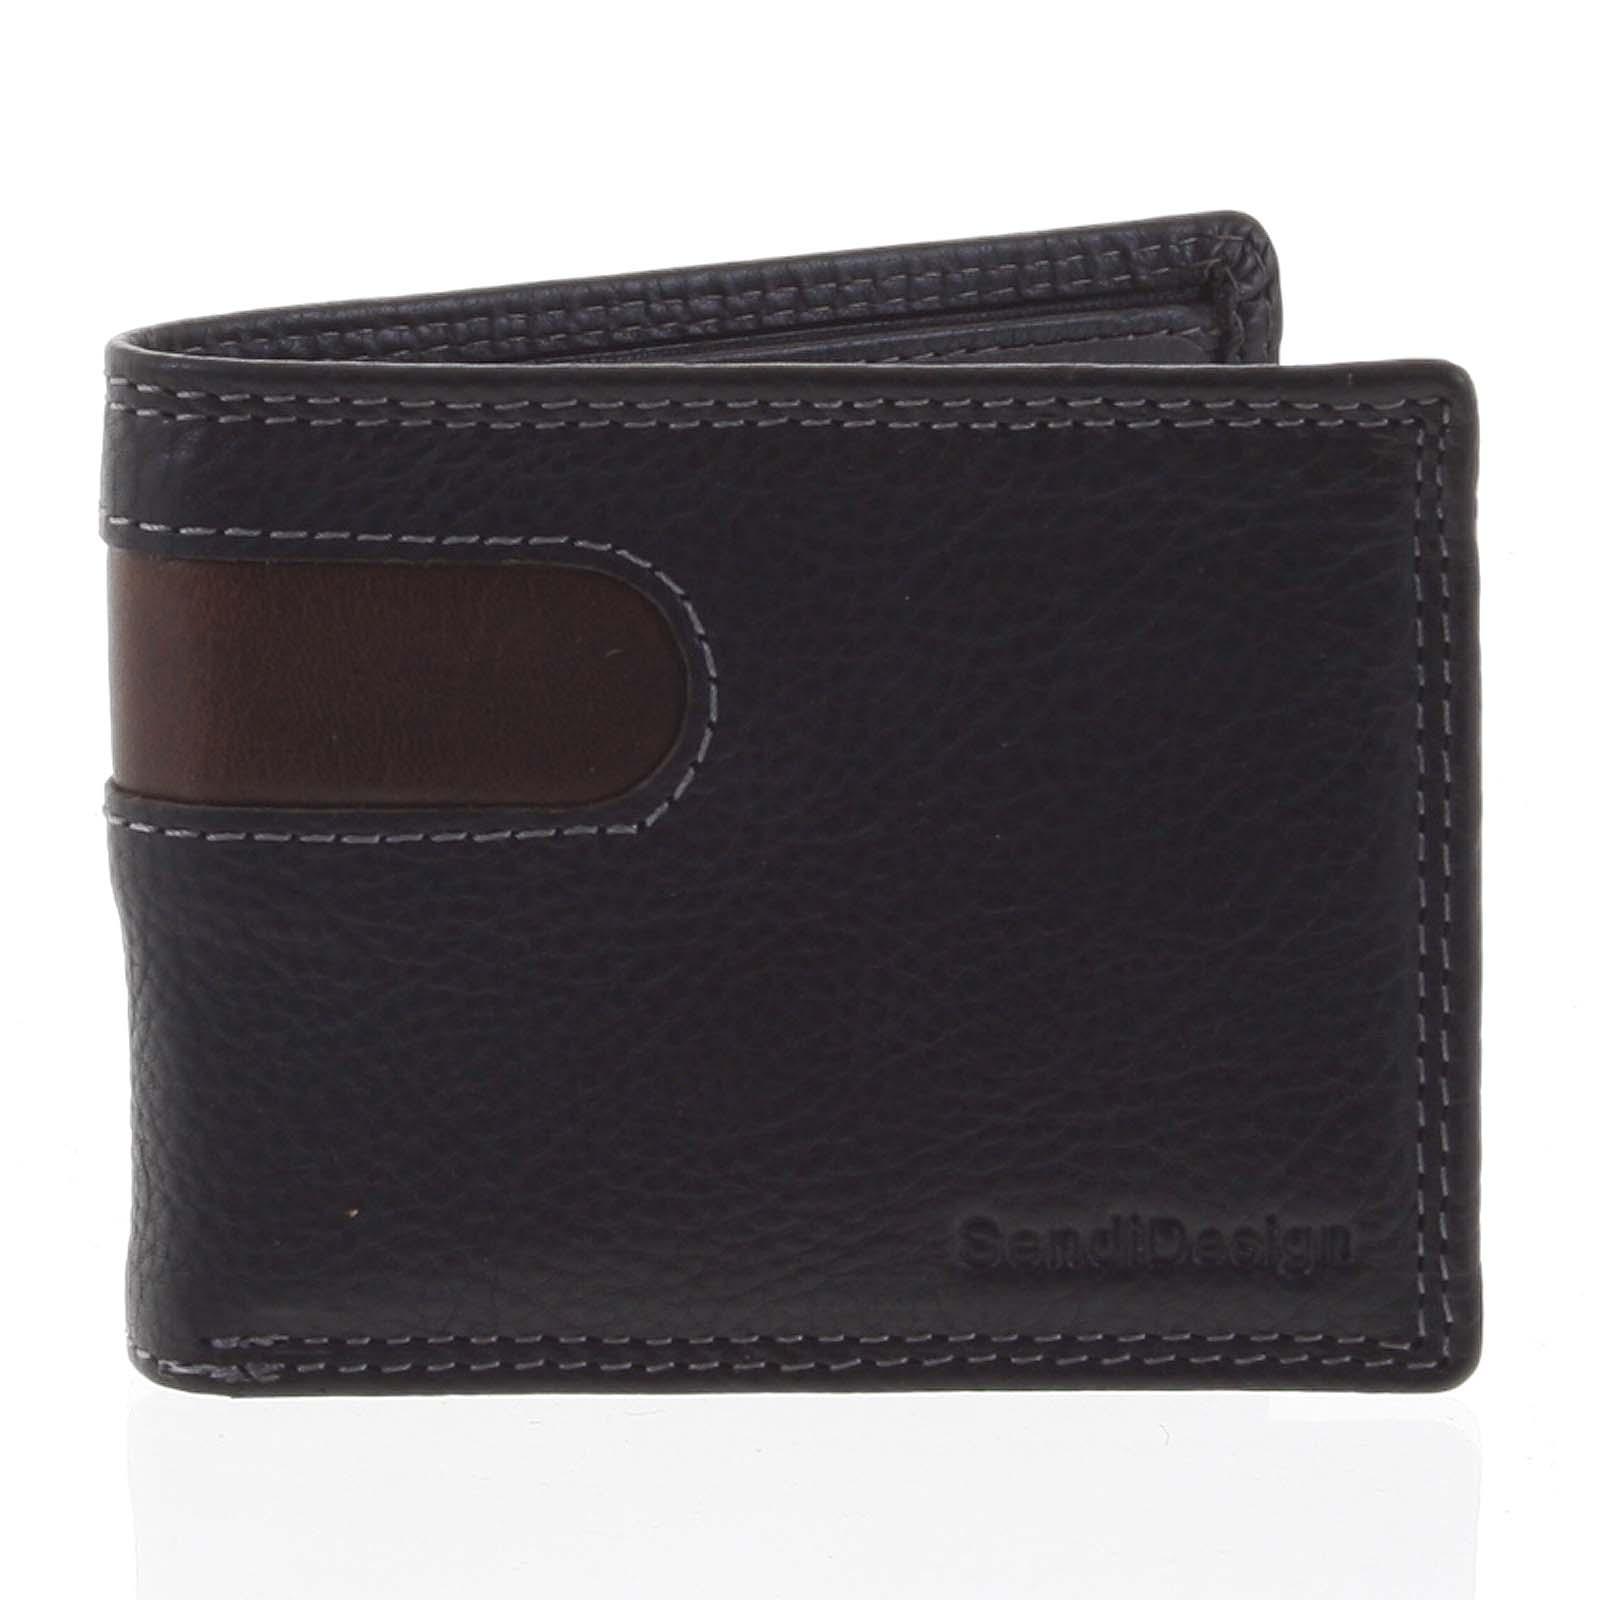 Pánska kožená peňaženka na karty čierna - SendiDesign Sinai